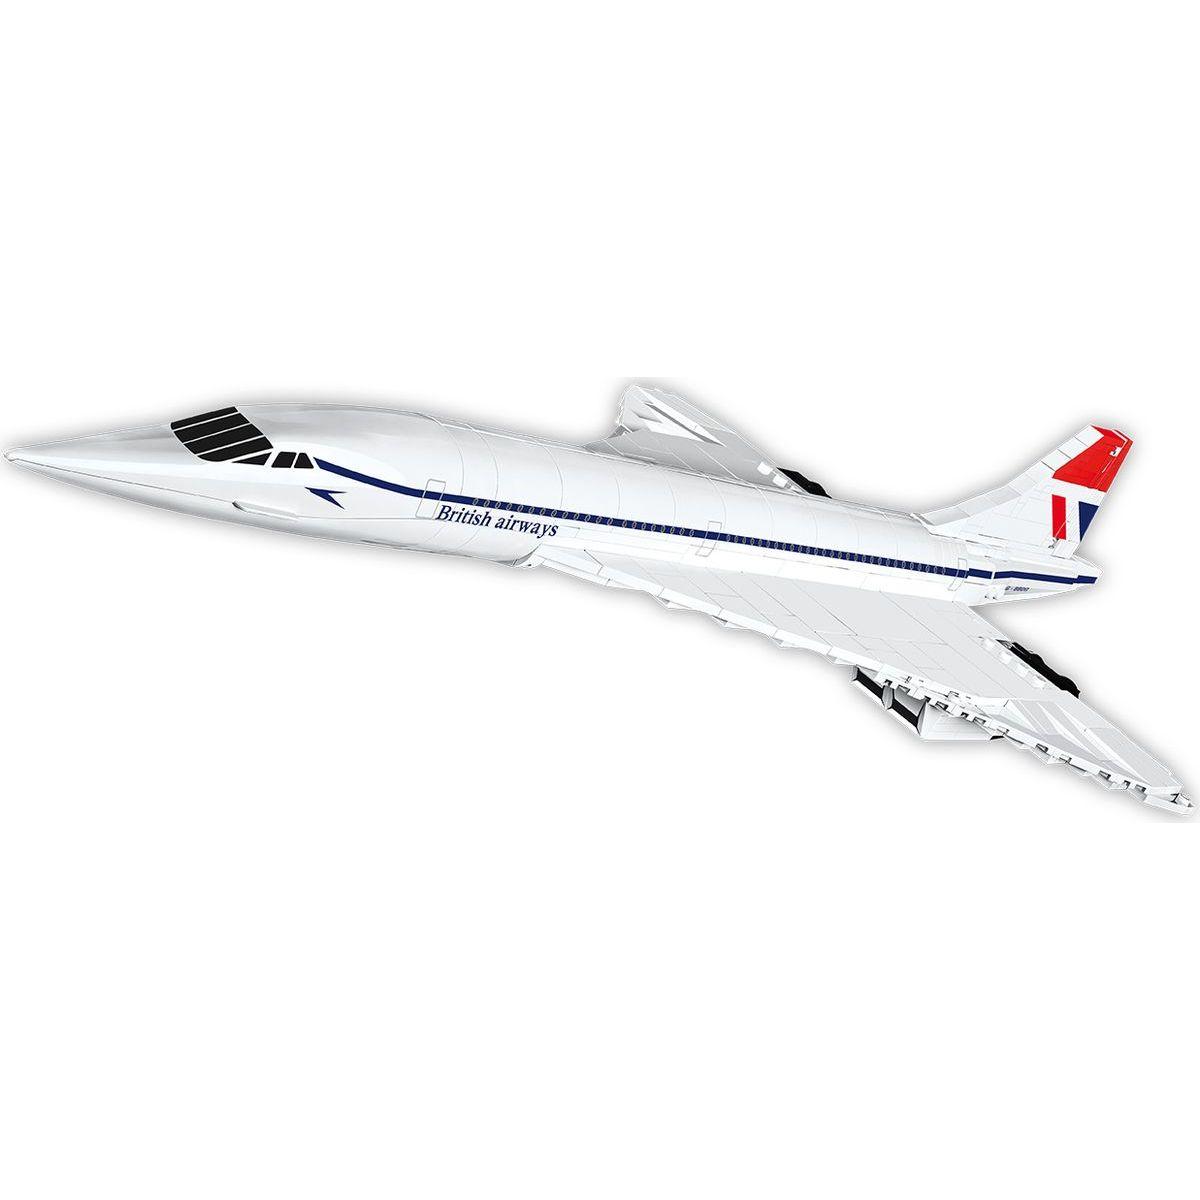 Cobi 1917 Concorde z Brooklands Museum 455 k